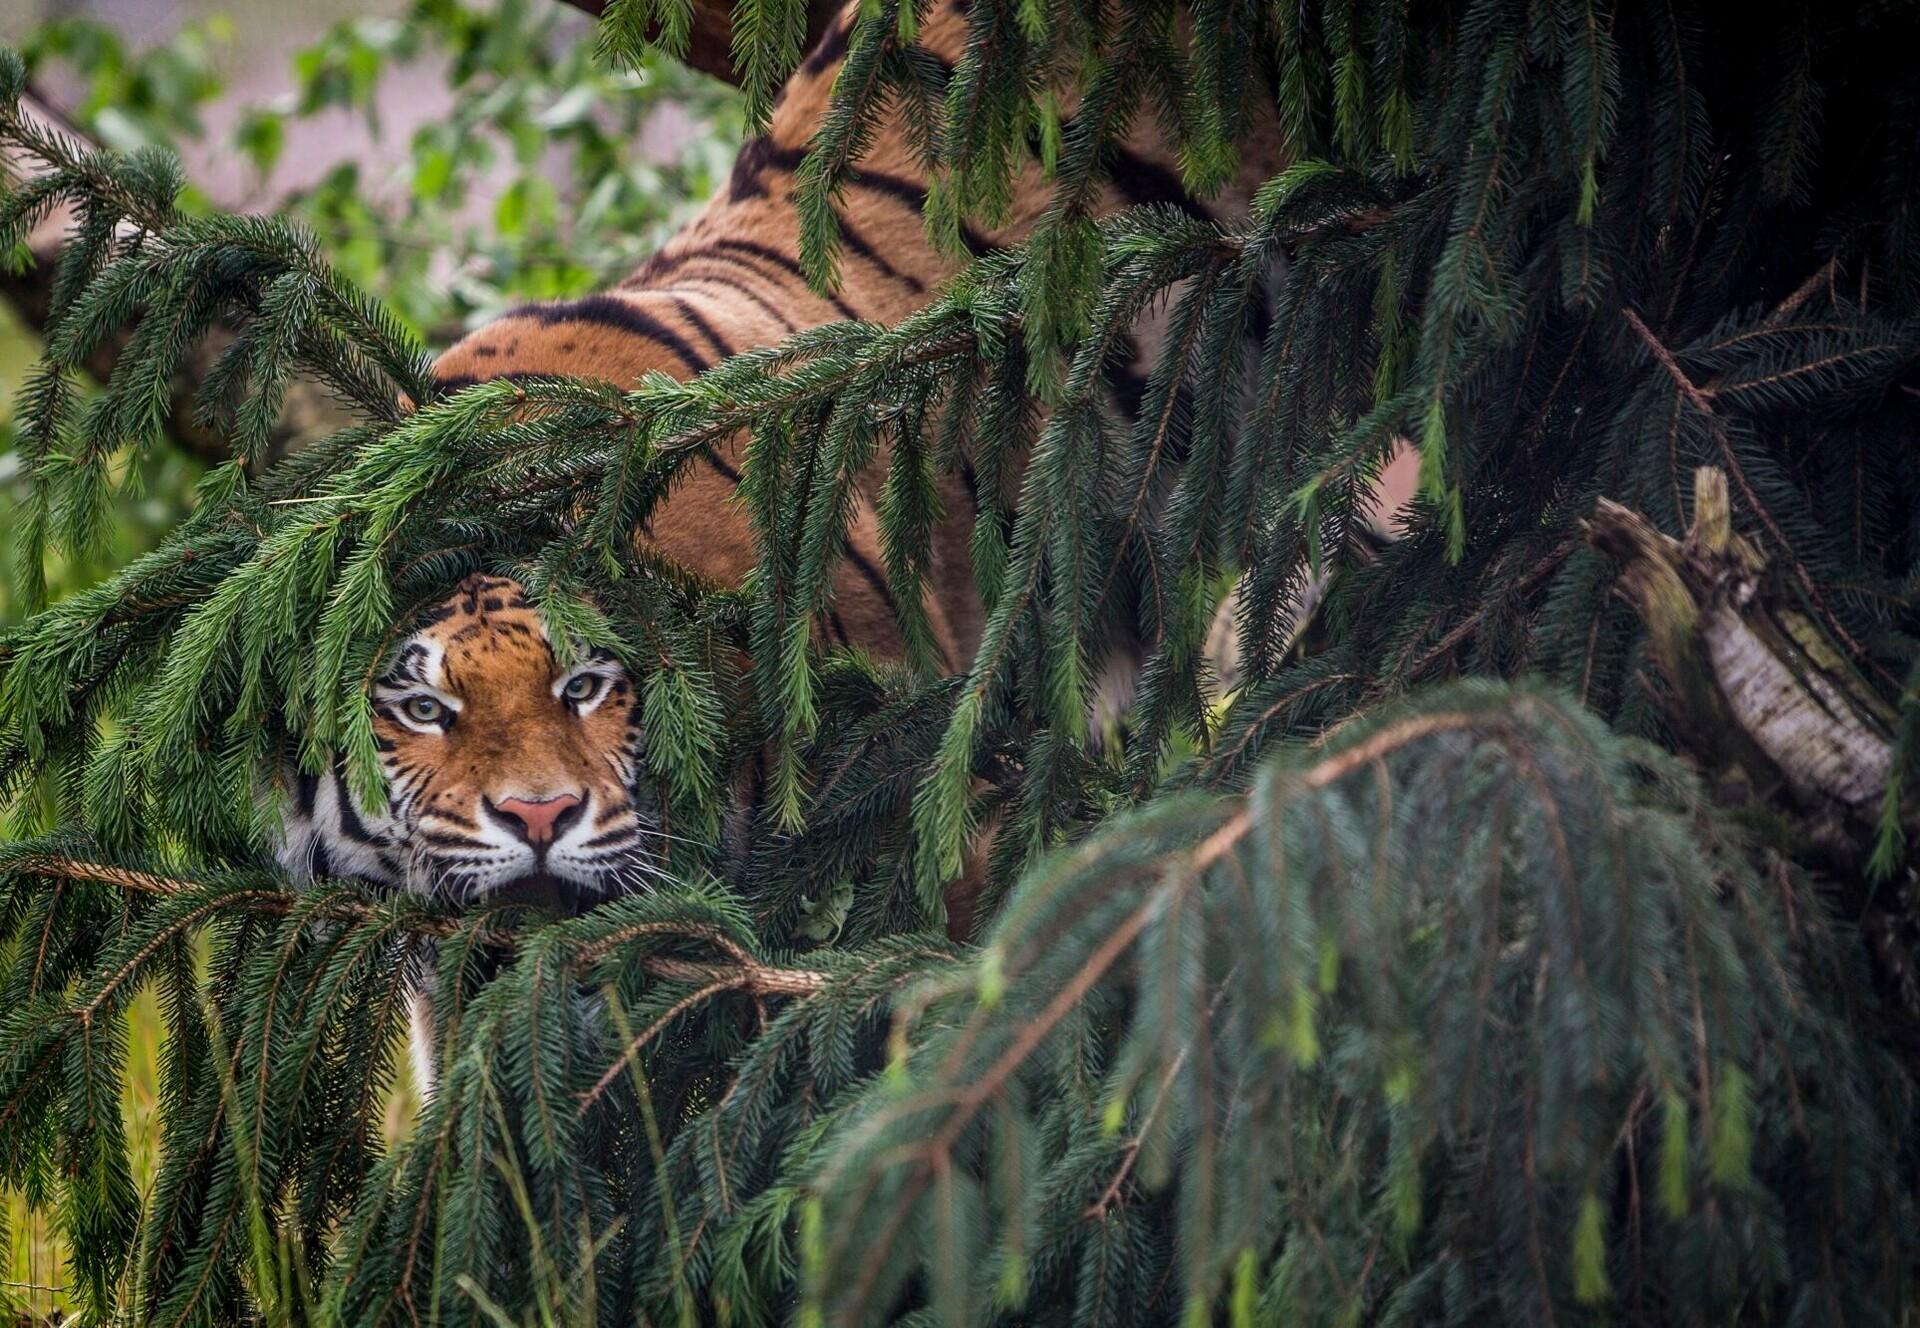 Tigeress Cara